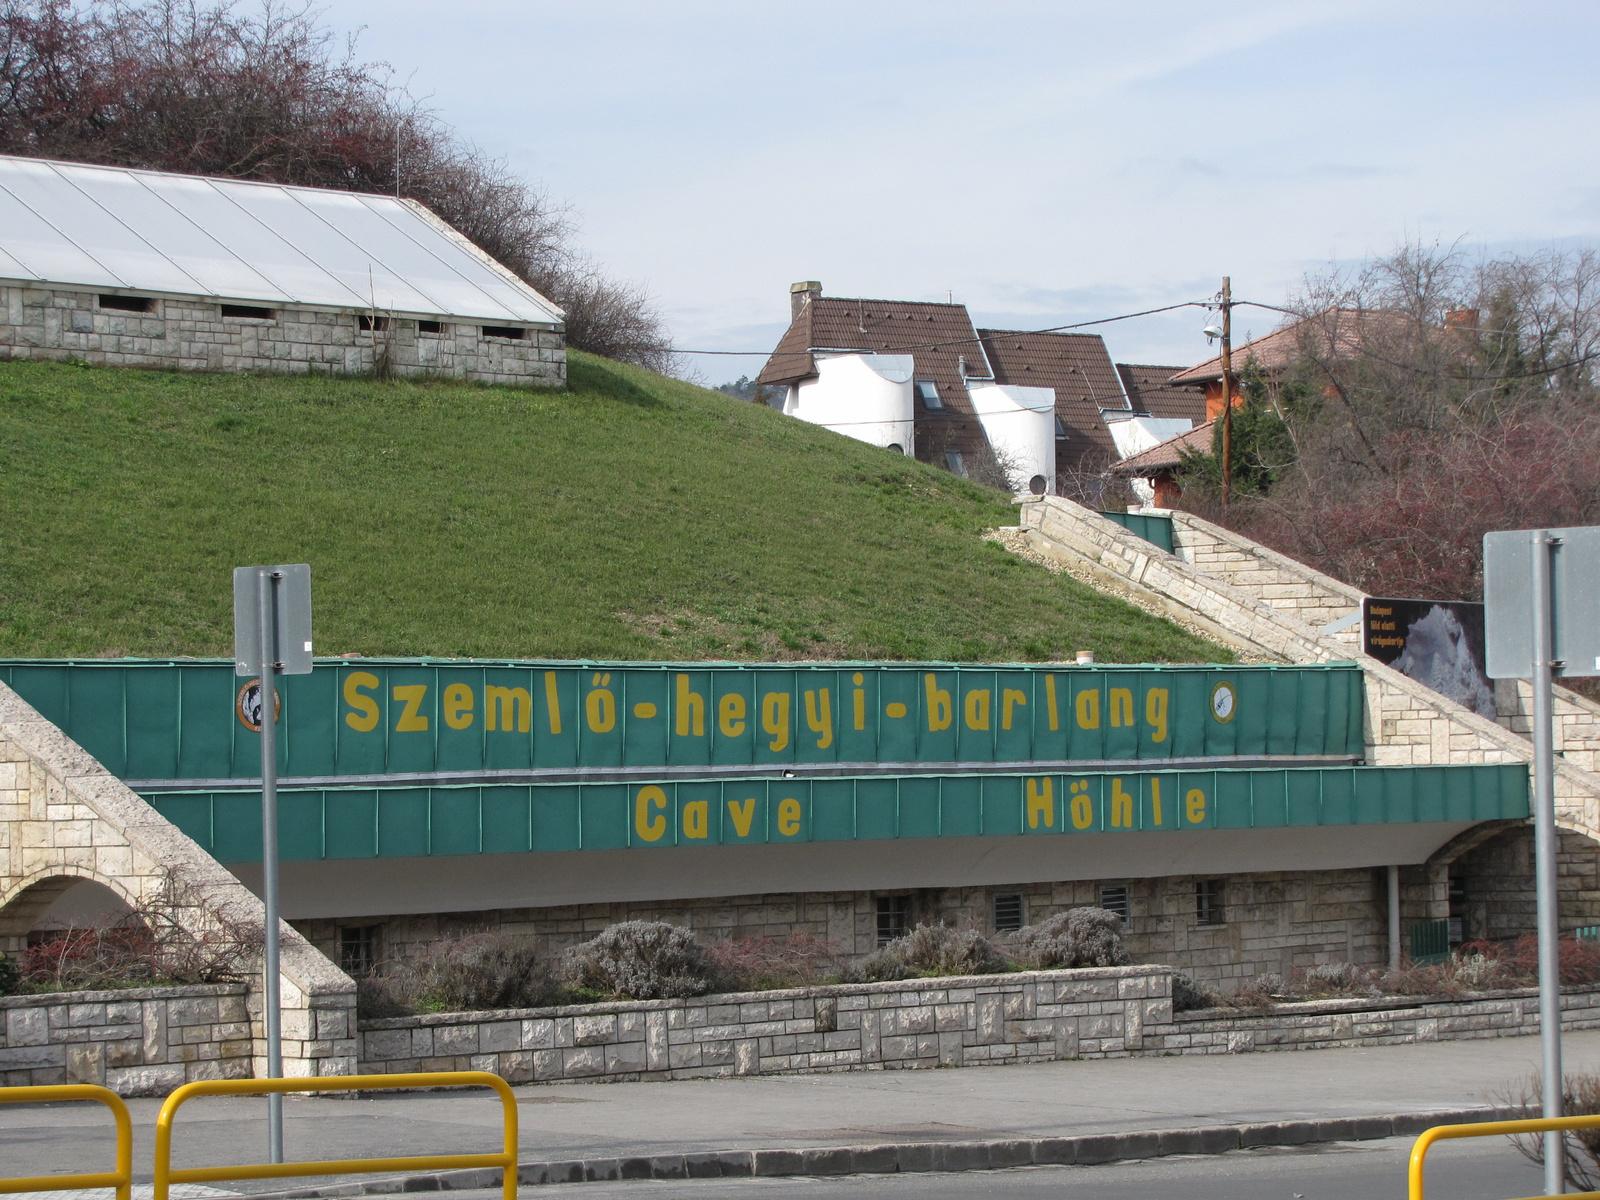 Budapest, a Szemlő-hegyi barlang fogadó épülete, SzG3